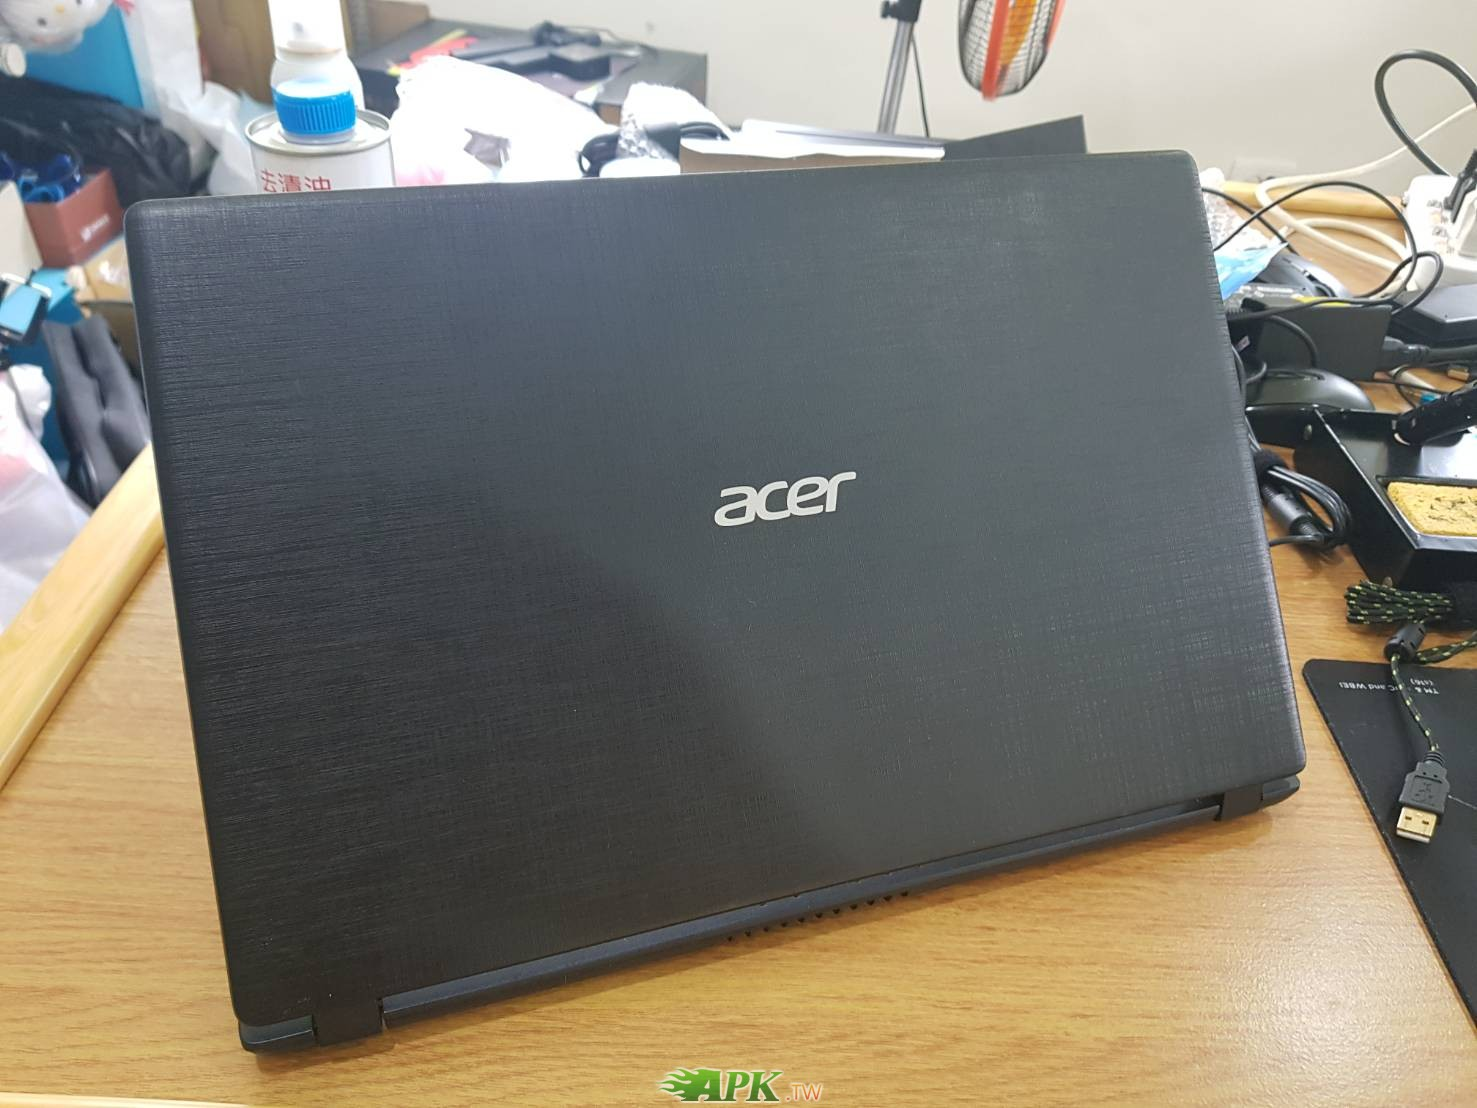 【小宅開箱】近全新 原廠保固一年 acer A315-51-52RY i5 八代處理器 lol遊戲機